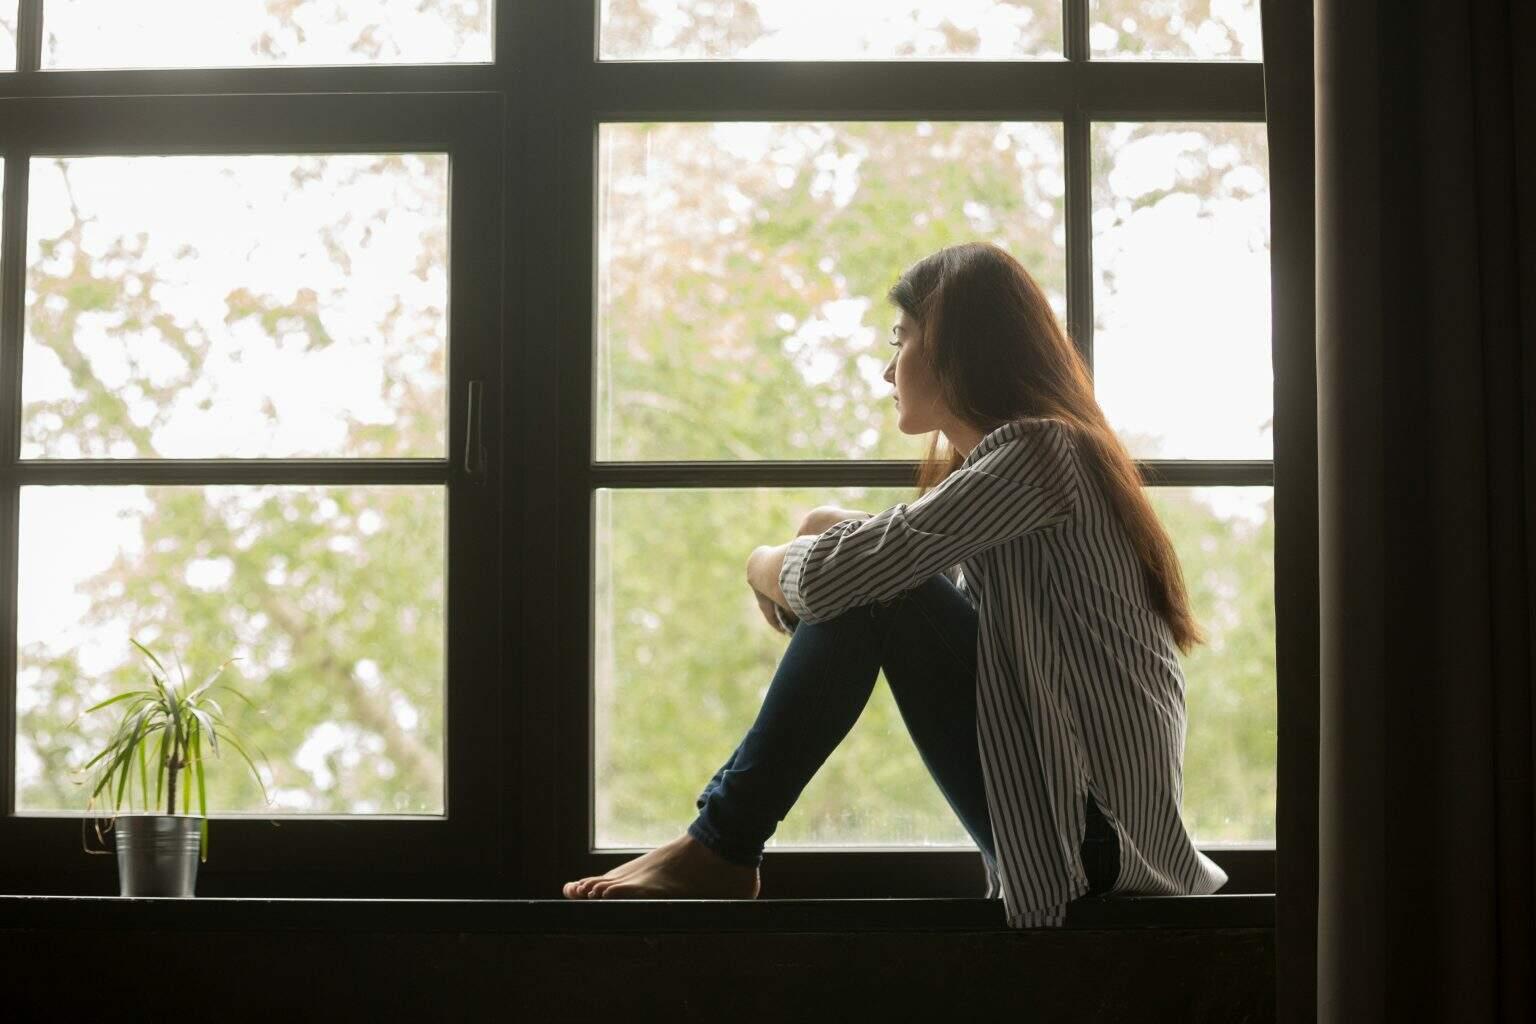 aumento alarmante no índice de suicídio entre jovens